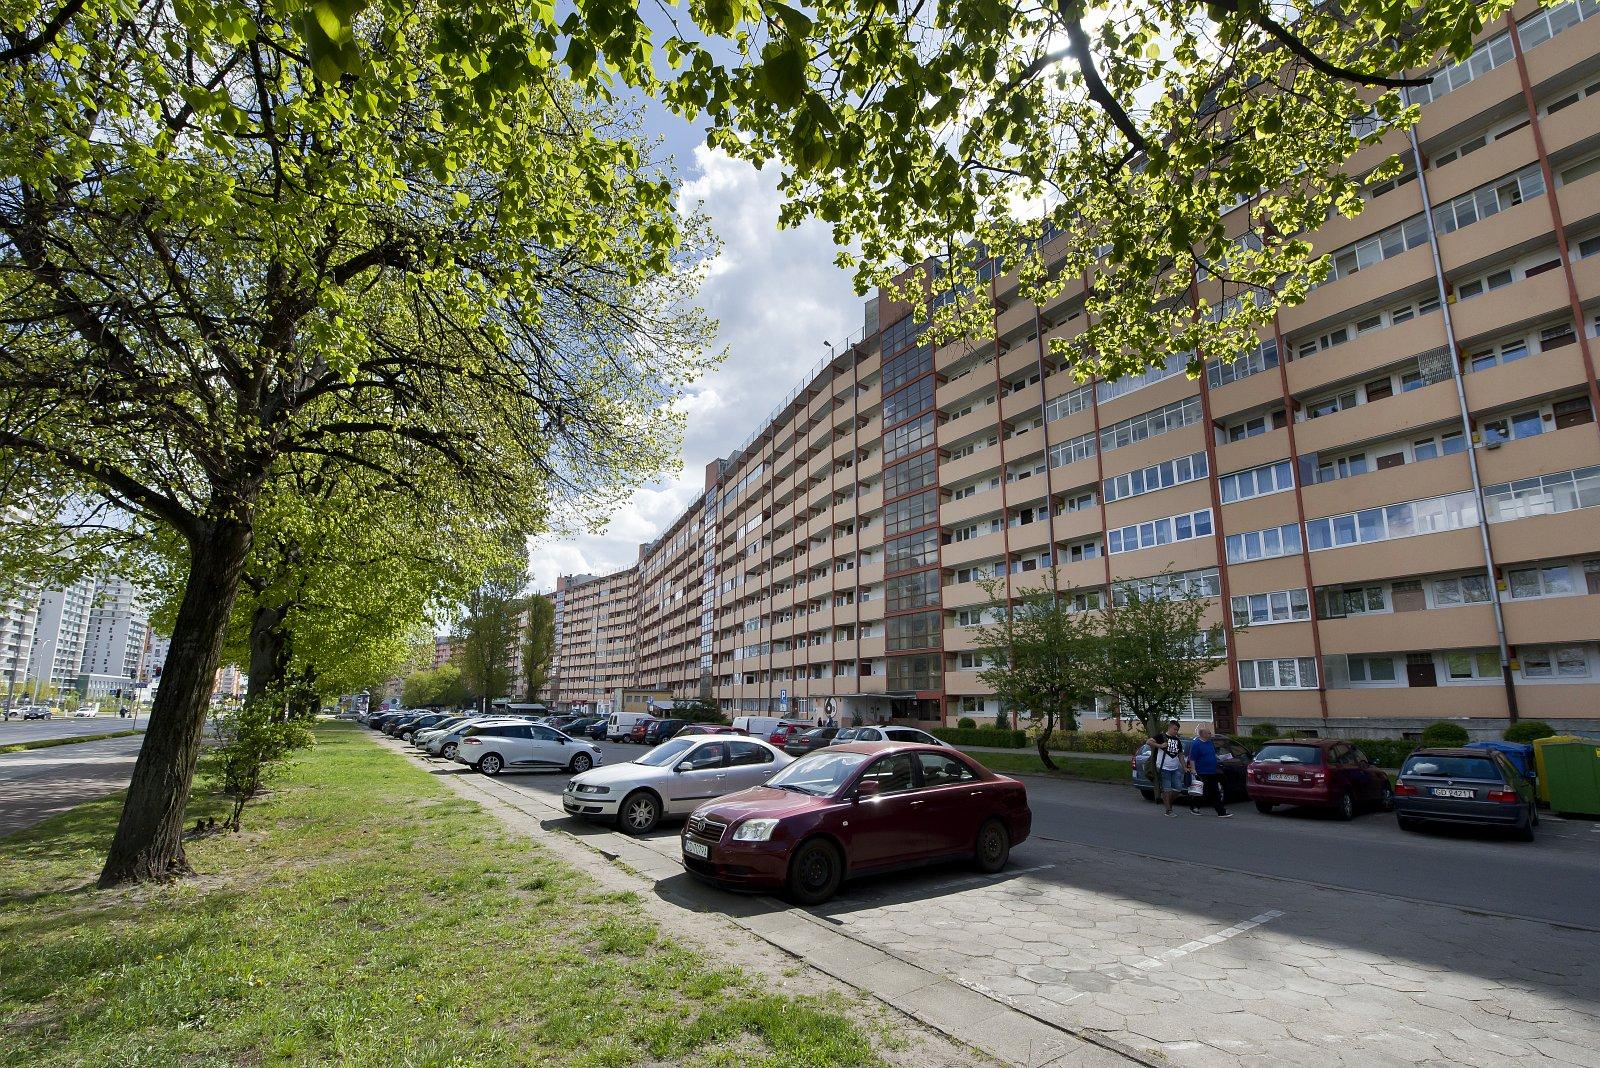 mieszkanie-wynajem-gdansk-ow6-05-04web